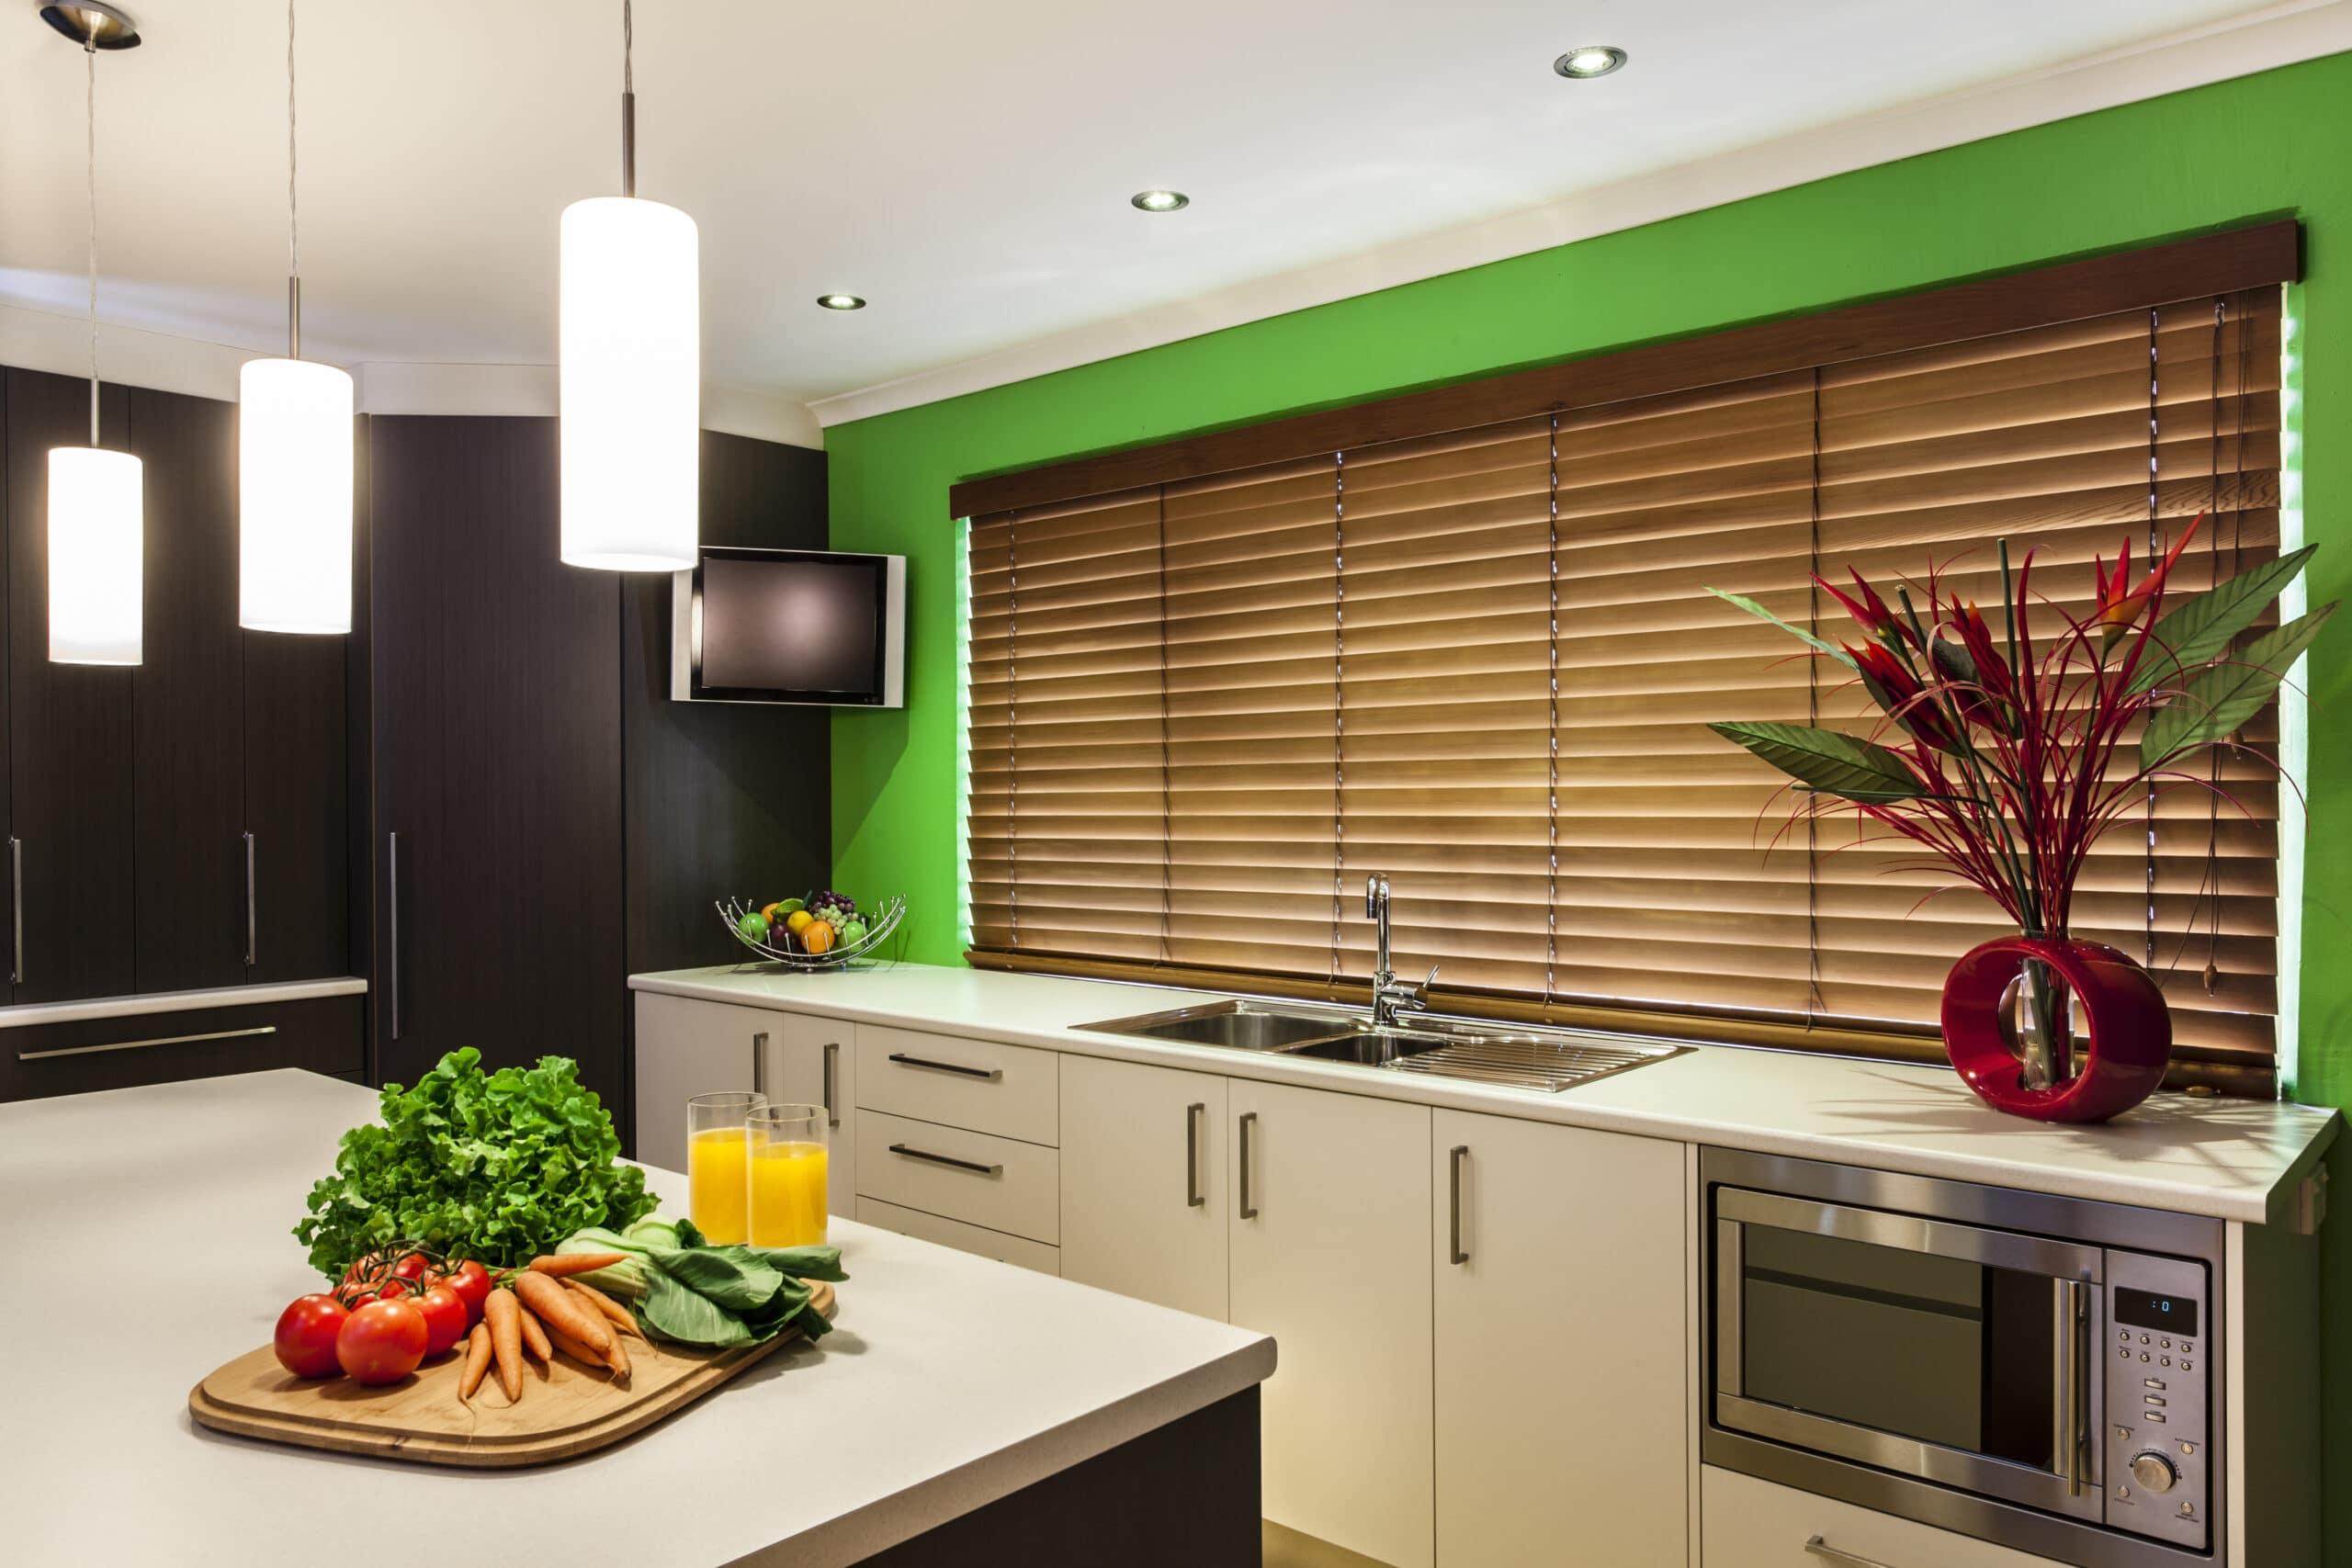 מטבחים מעץ חברות מטבחים המשווקות מטבחים מותאמים לפי הזמנה מיומנים ומומחים עם הרבה וותק שיודעים לתת אחריות מלאה לעבודתם בד בבד הפעלת ציוד מקצועי לניסור עץ במטבח הלקוח